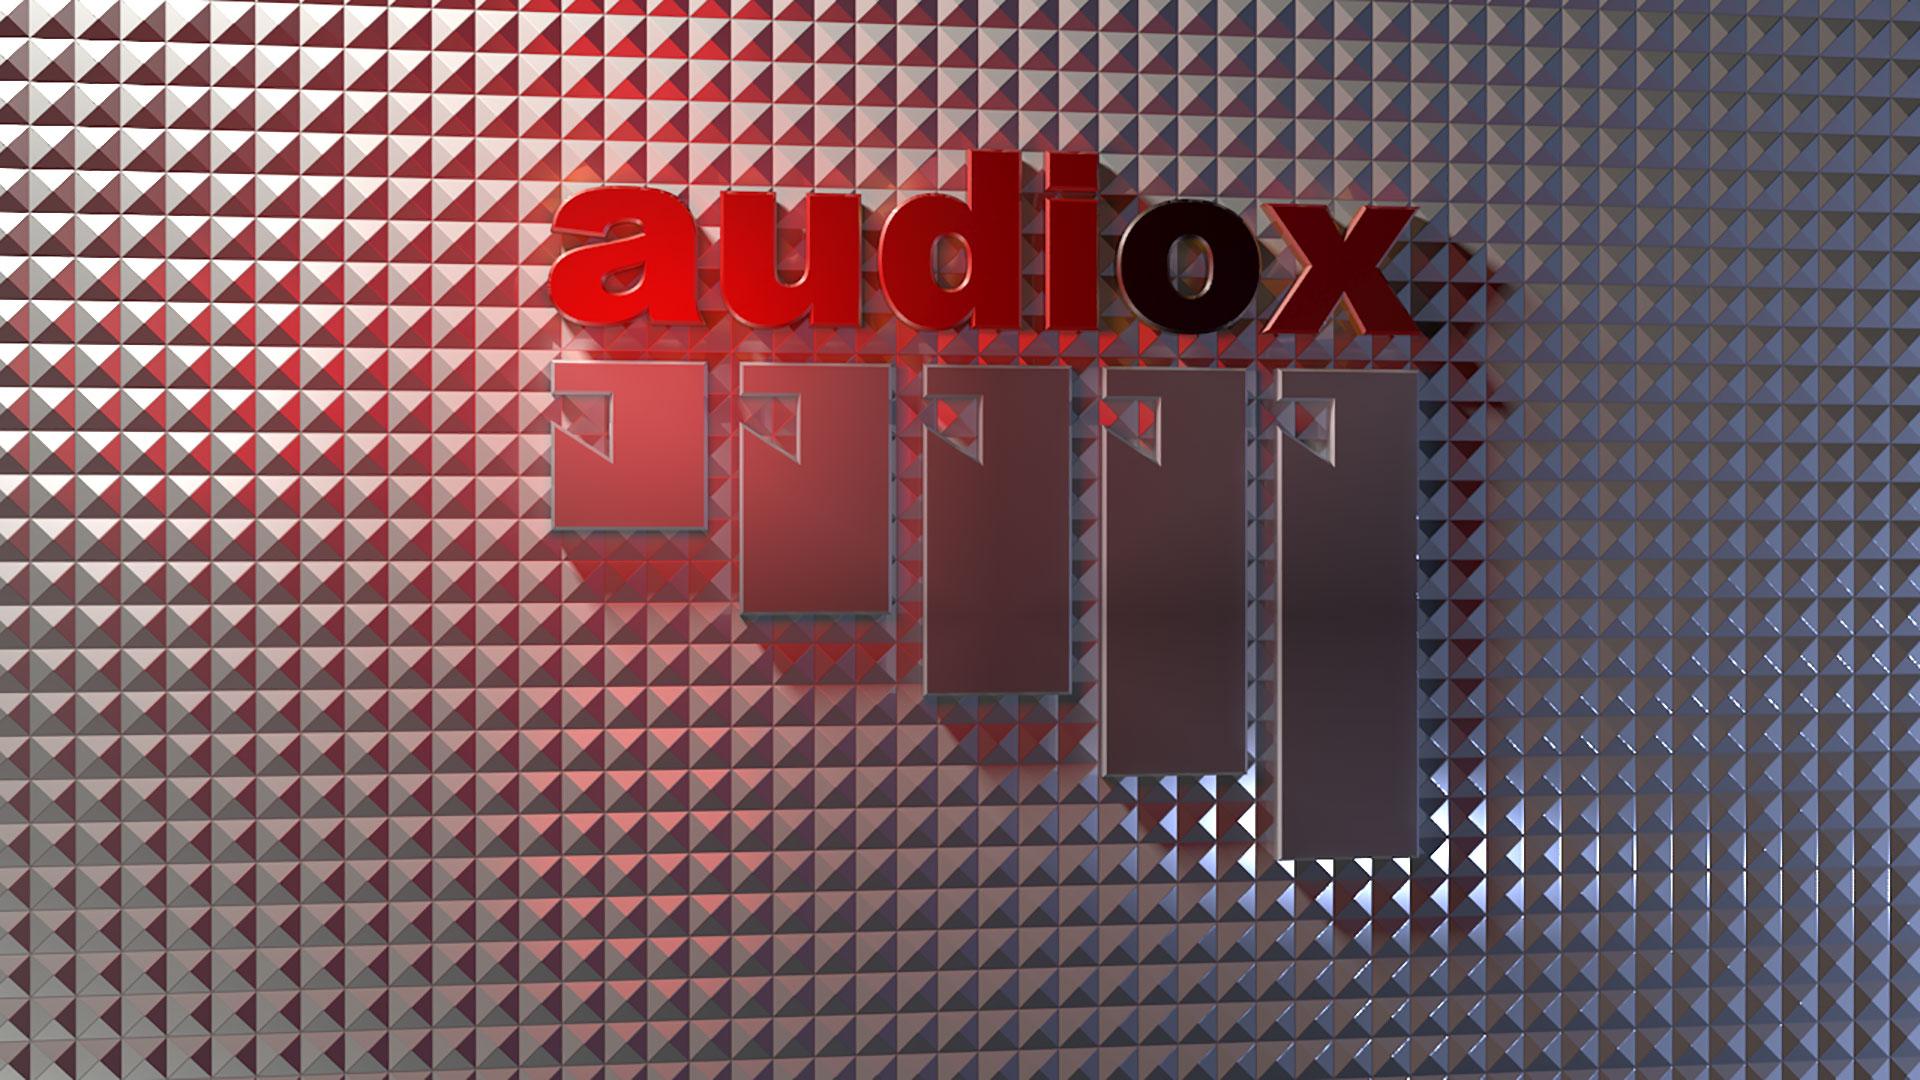 audiox logo image